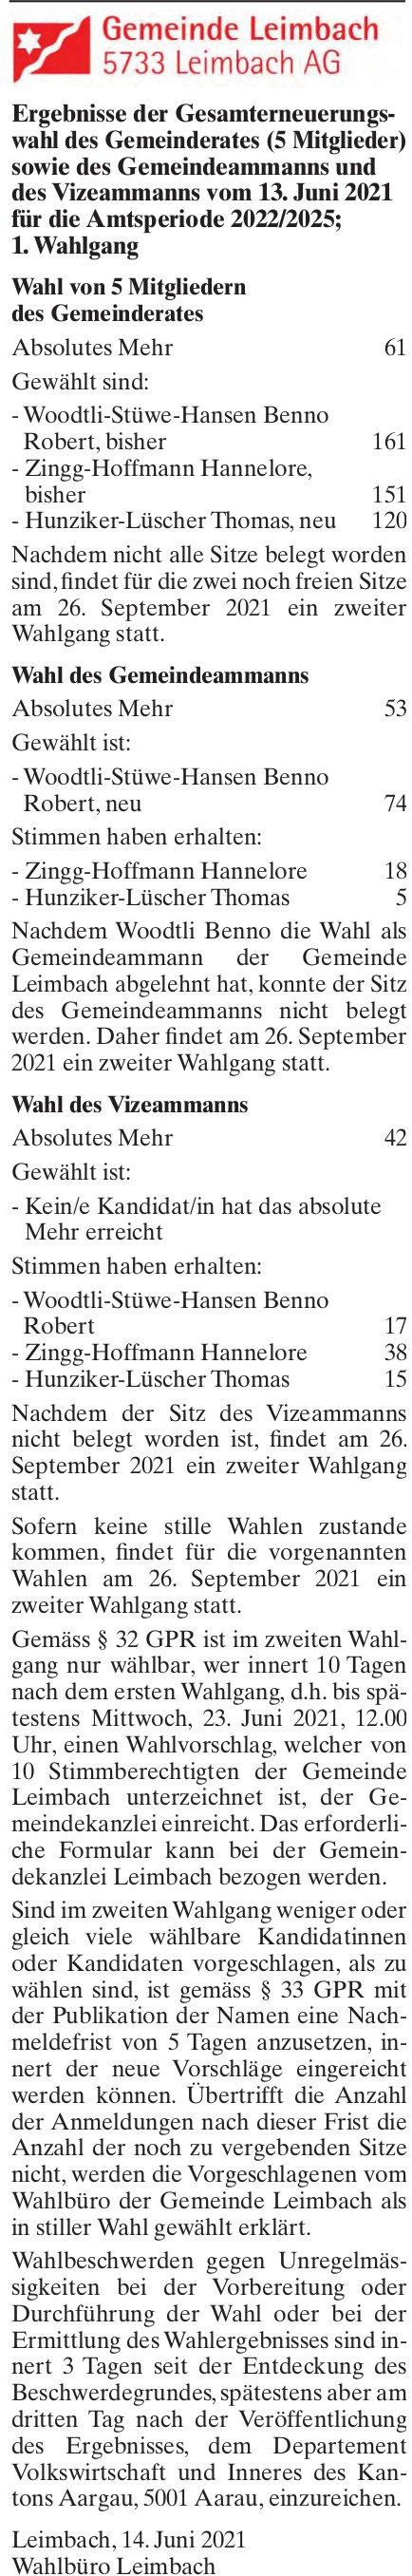 Leimbach AG - Ergebnisse der Gesamterneuerungswahl des Gemeinderates (5 Mitglieder) sowie des Gemeindeammanns und des Vizeammanns; 1. Wahlgang